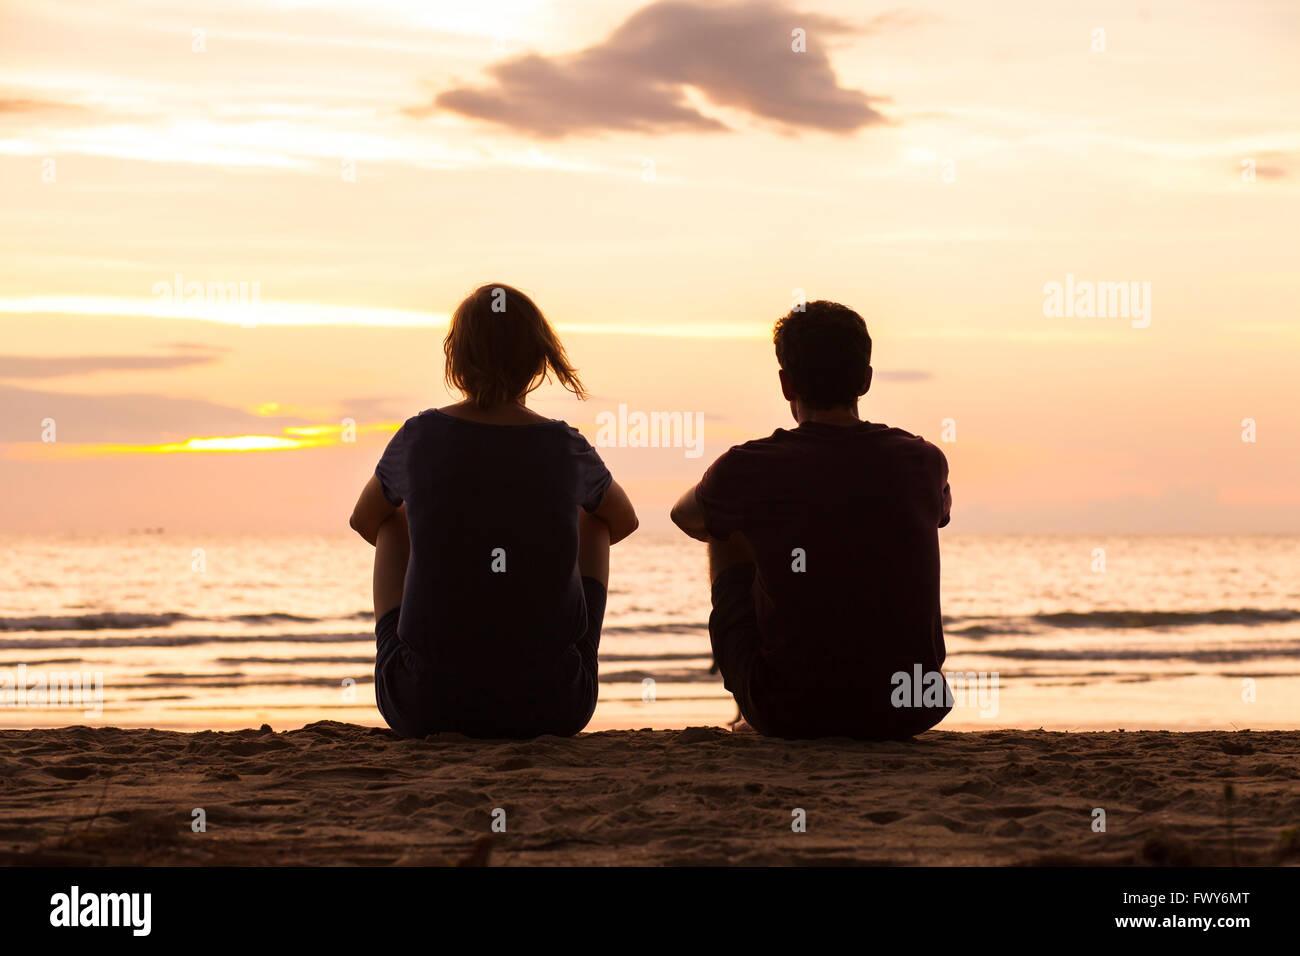 Amigos sentados juntos en la playa y observar el atardecer, concepto de amistad Imagen De Stock